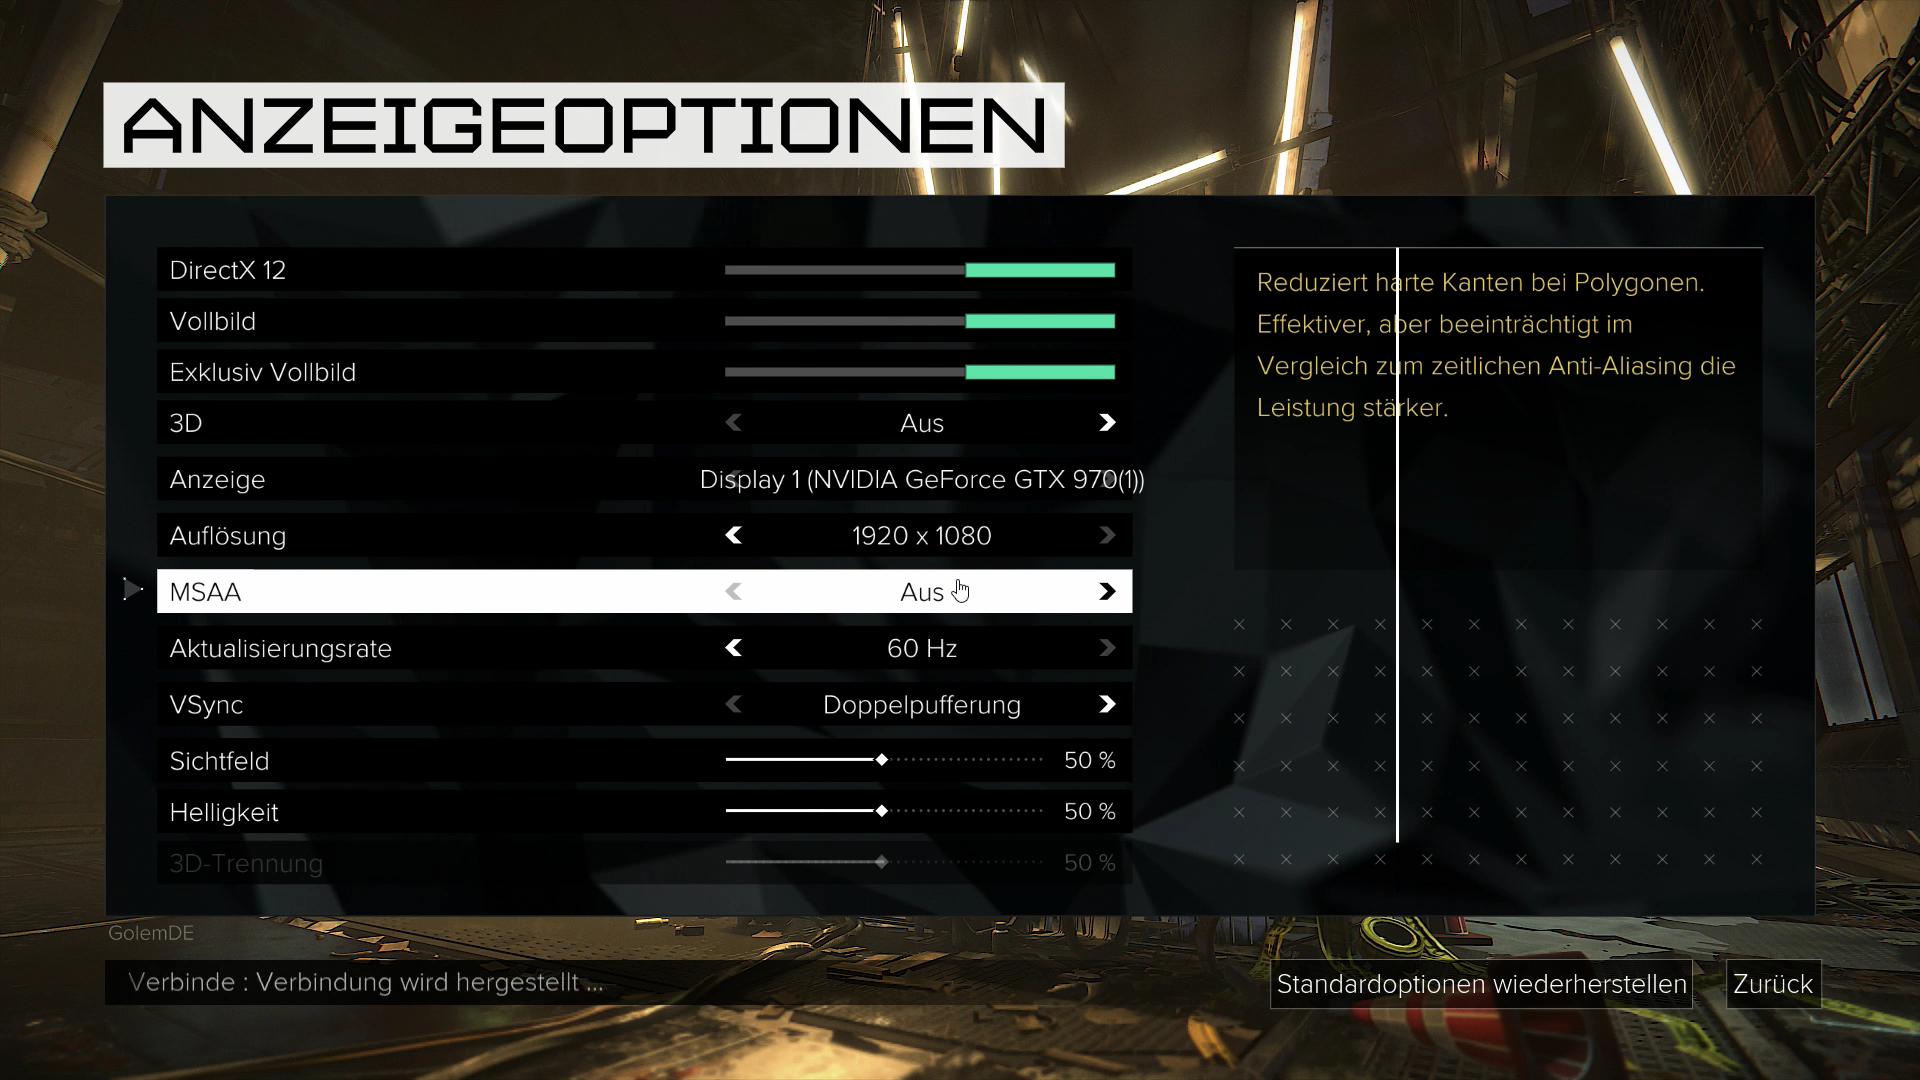 Deus Ex Mankind Divided im Test: Der Agent aus dem Hardwarelabor - ... in den Grafikeinstellungen ... (Screenshot: Golem.de)